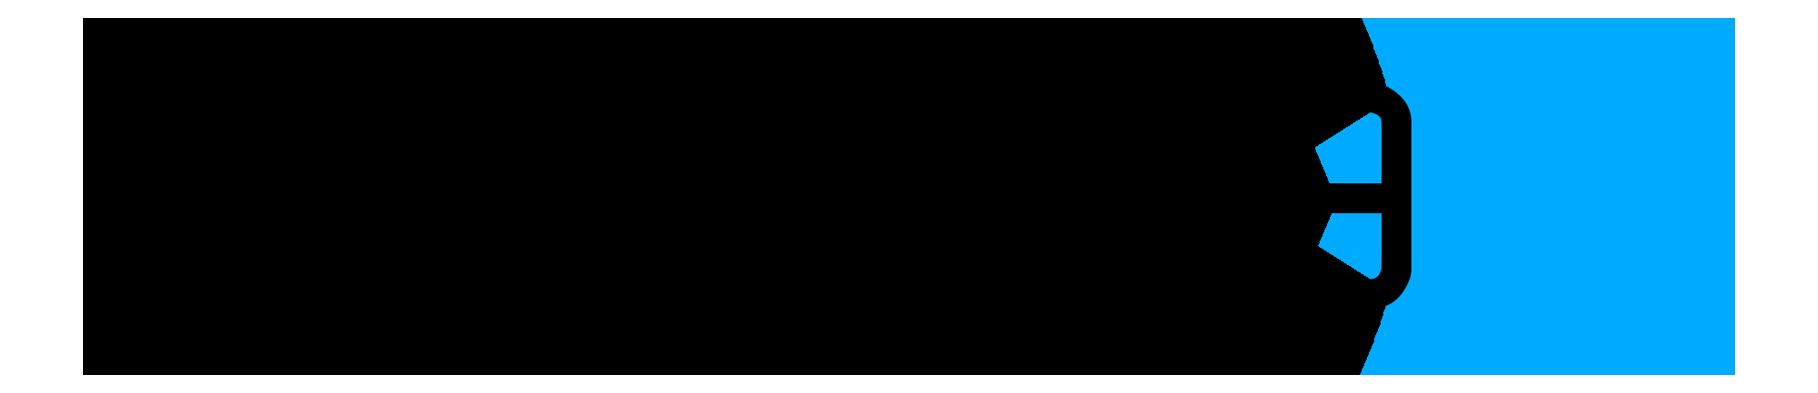 MÉTRICA6NO6.png